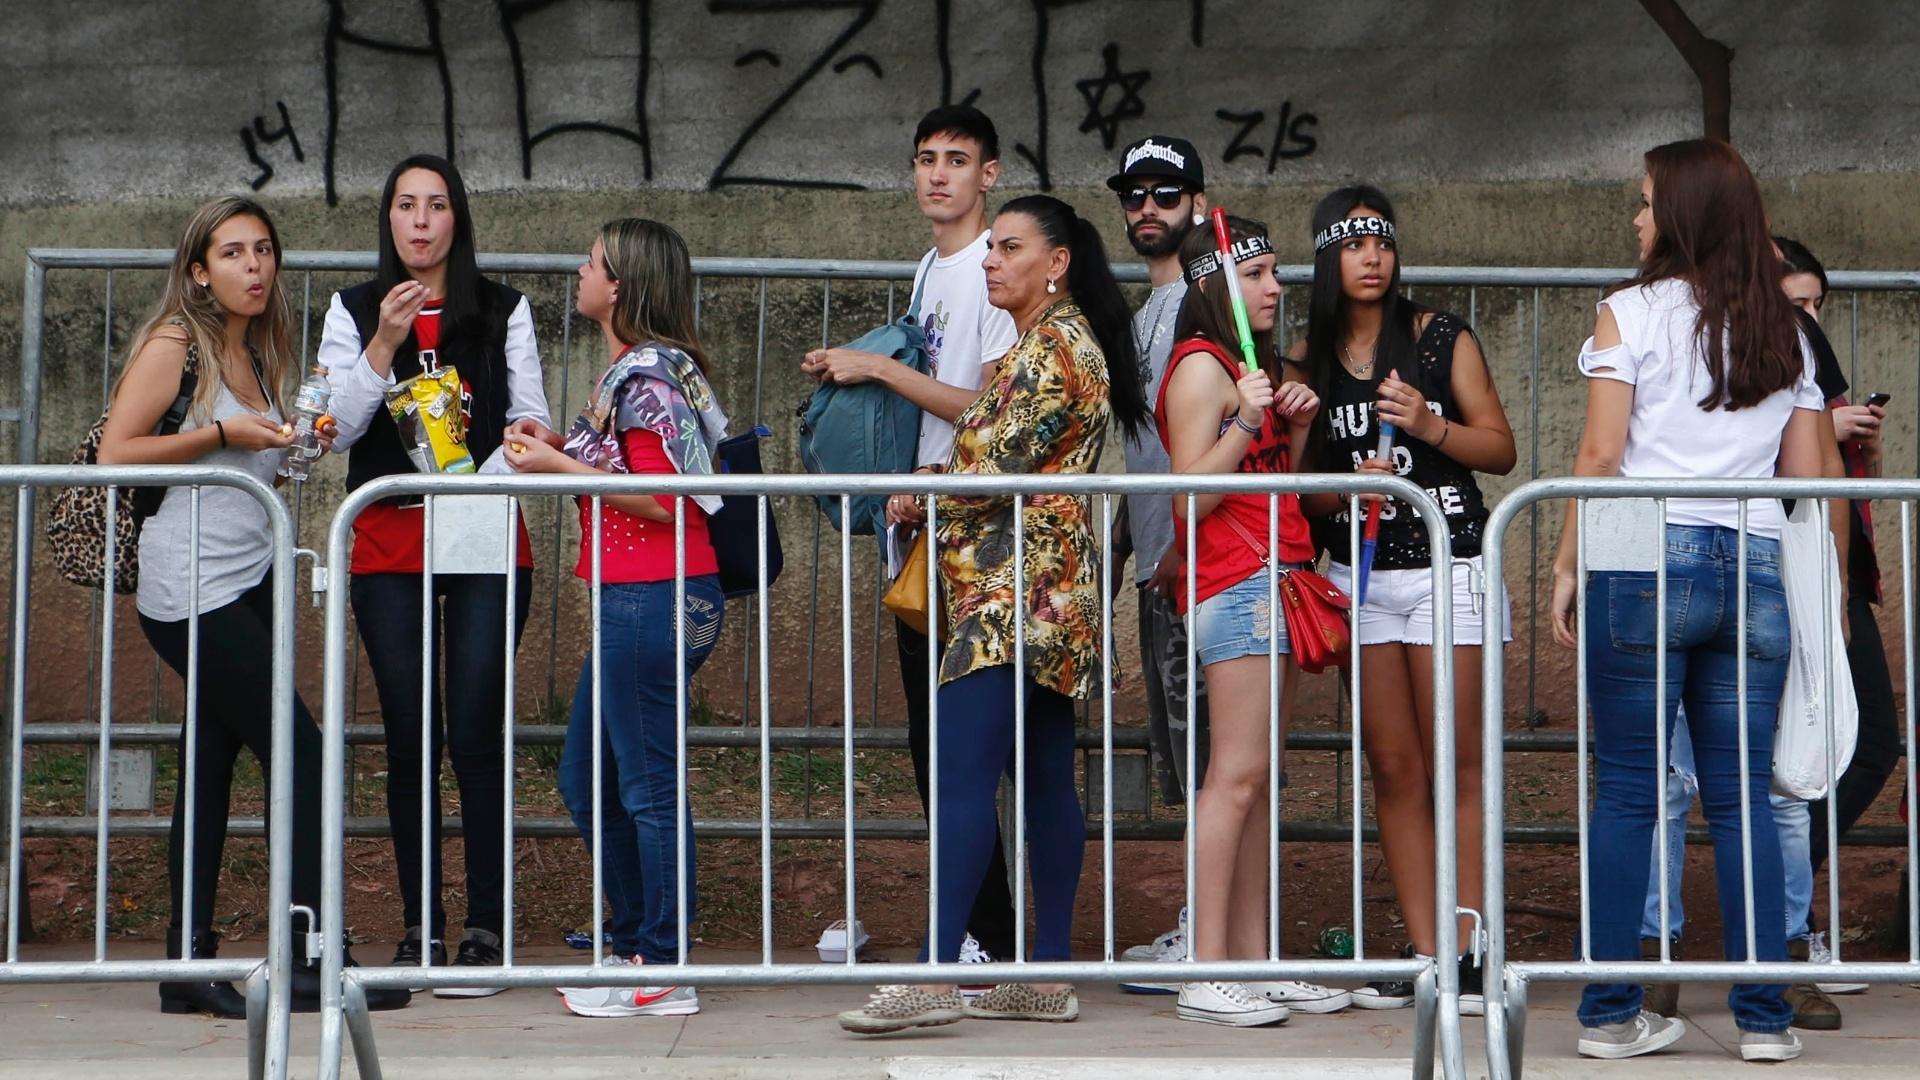 26.set.2014 - Fãs formam fila para entrar no show da Miley Cyrus em frentre ao Anhembi, em São Paulo